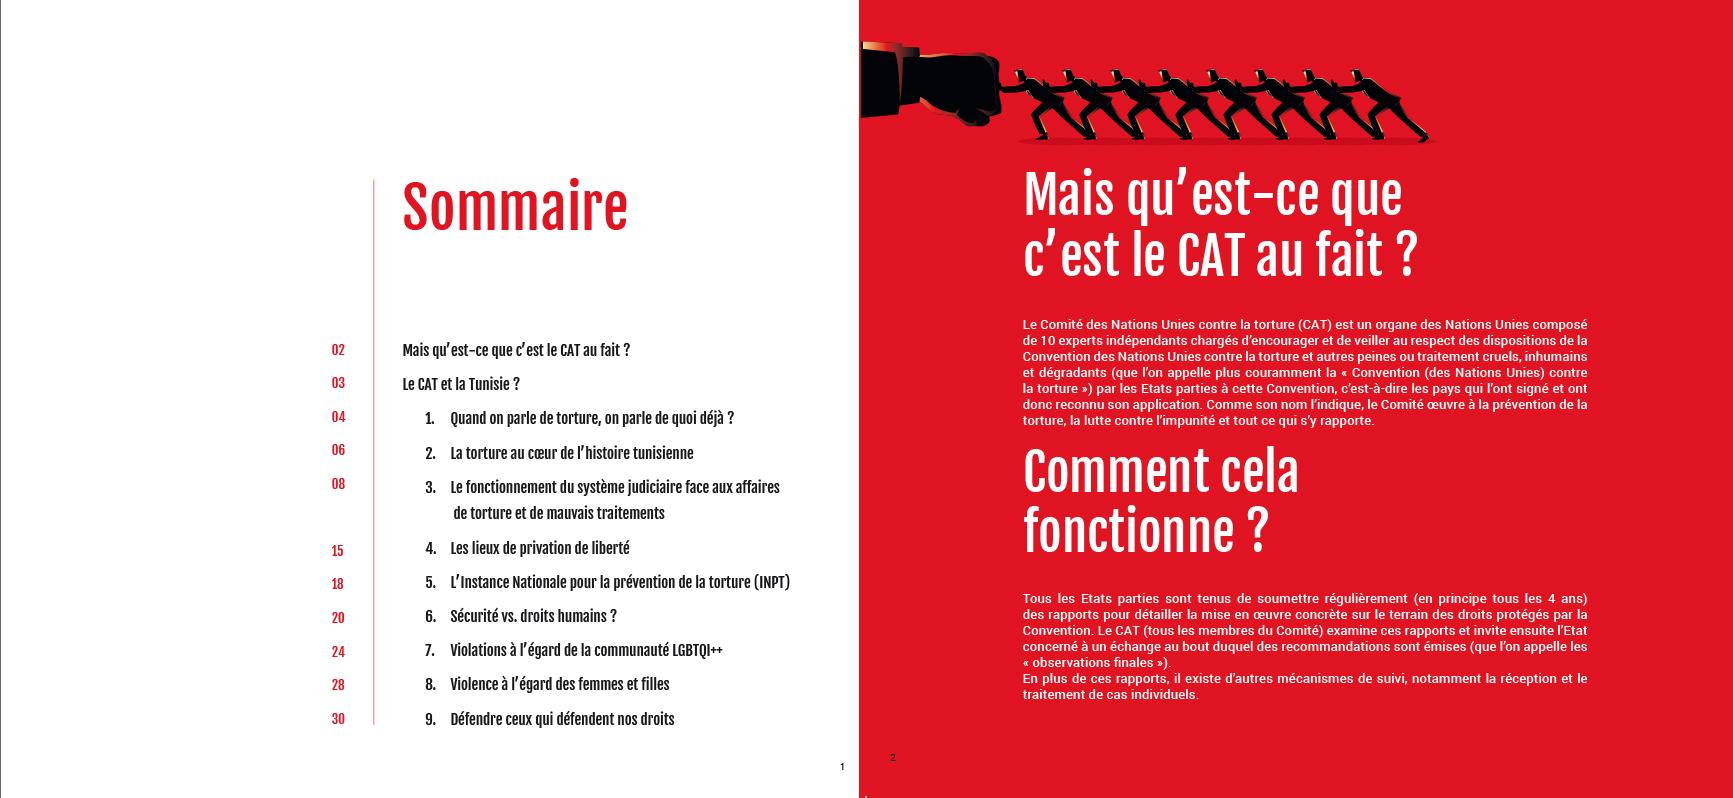 OMCT-FR-Print-3.jpg